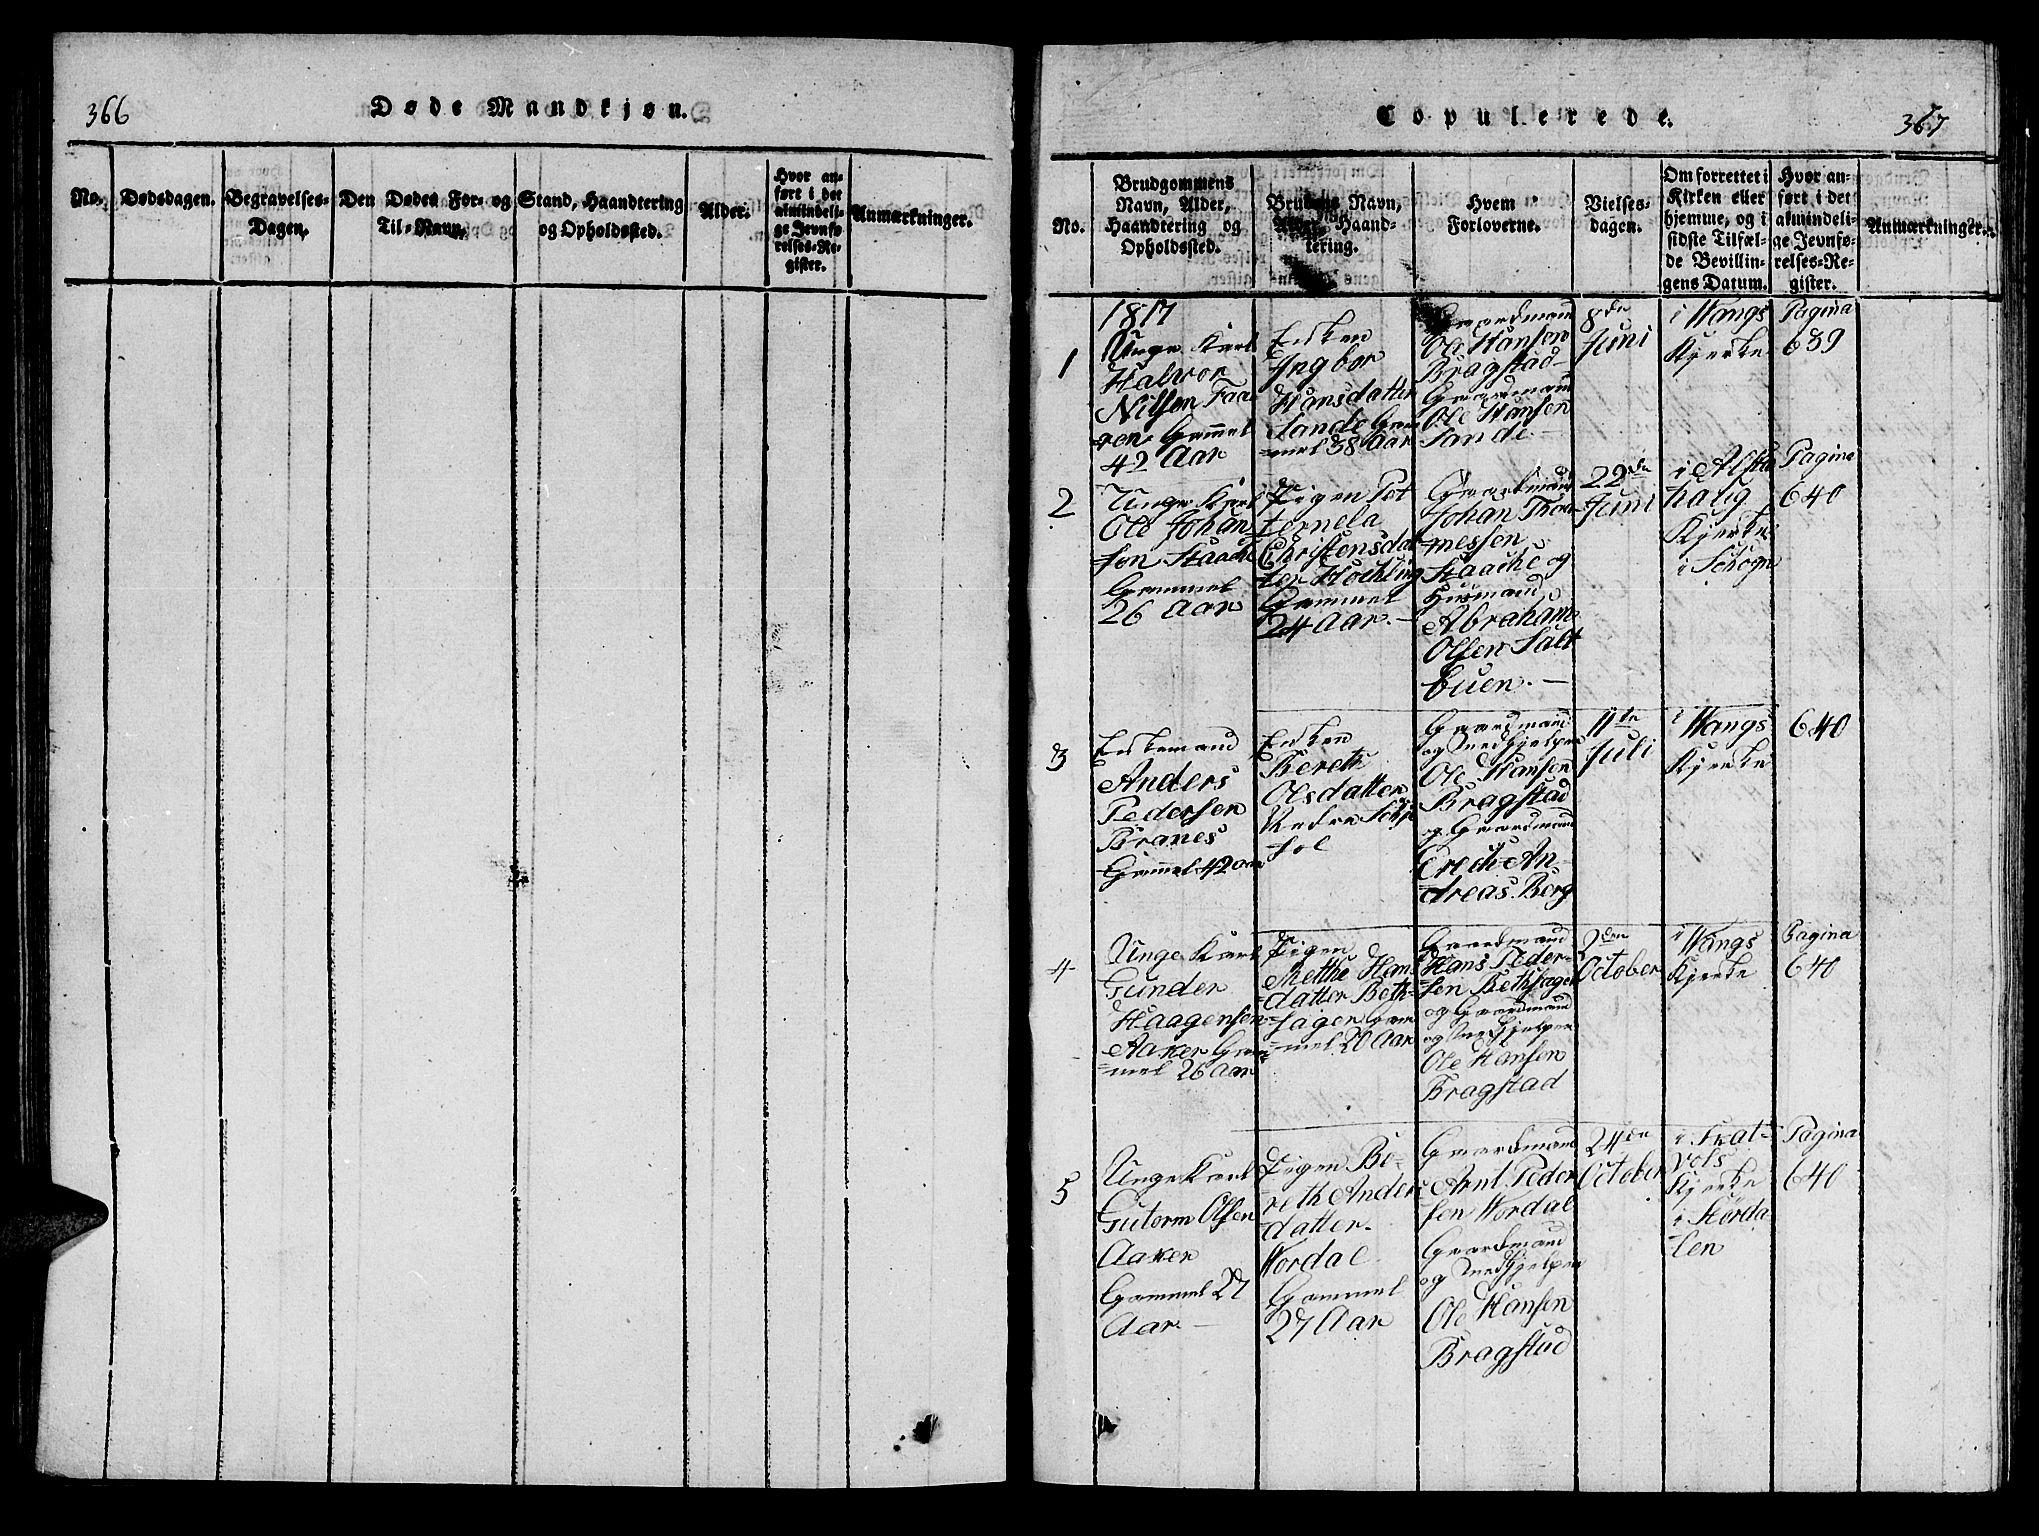 SAT, Ministerialprotokoller, klokkerbøker og fødselsregistre - Nord-Trøndelag, 714/L0132: Klokkerbok nr. 714C01, 1817-1824, s. 366-367